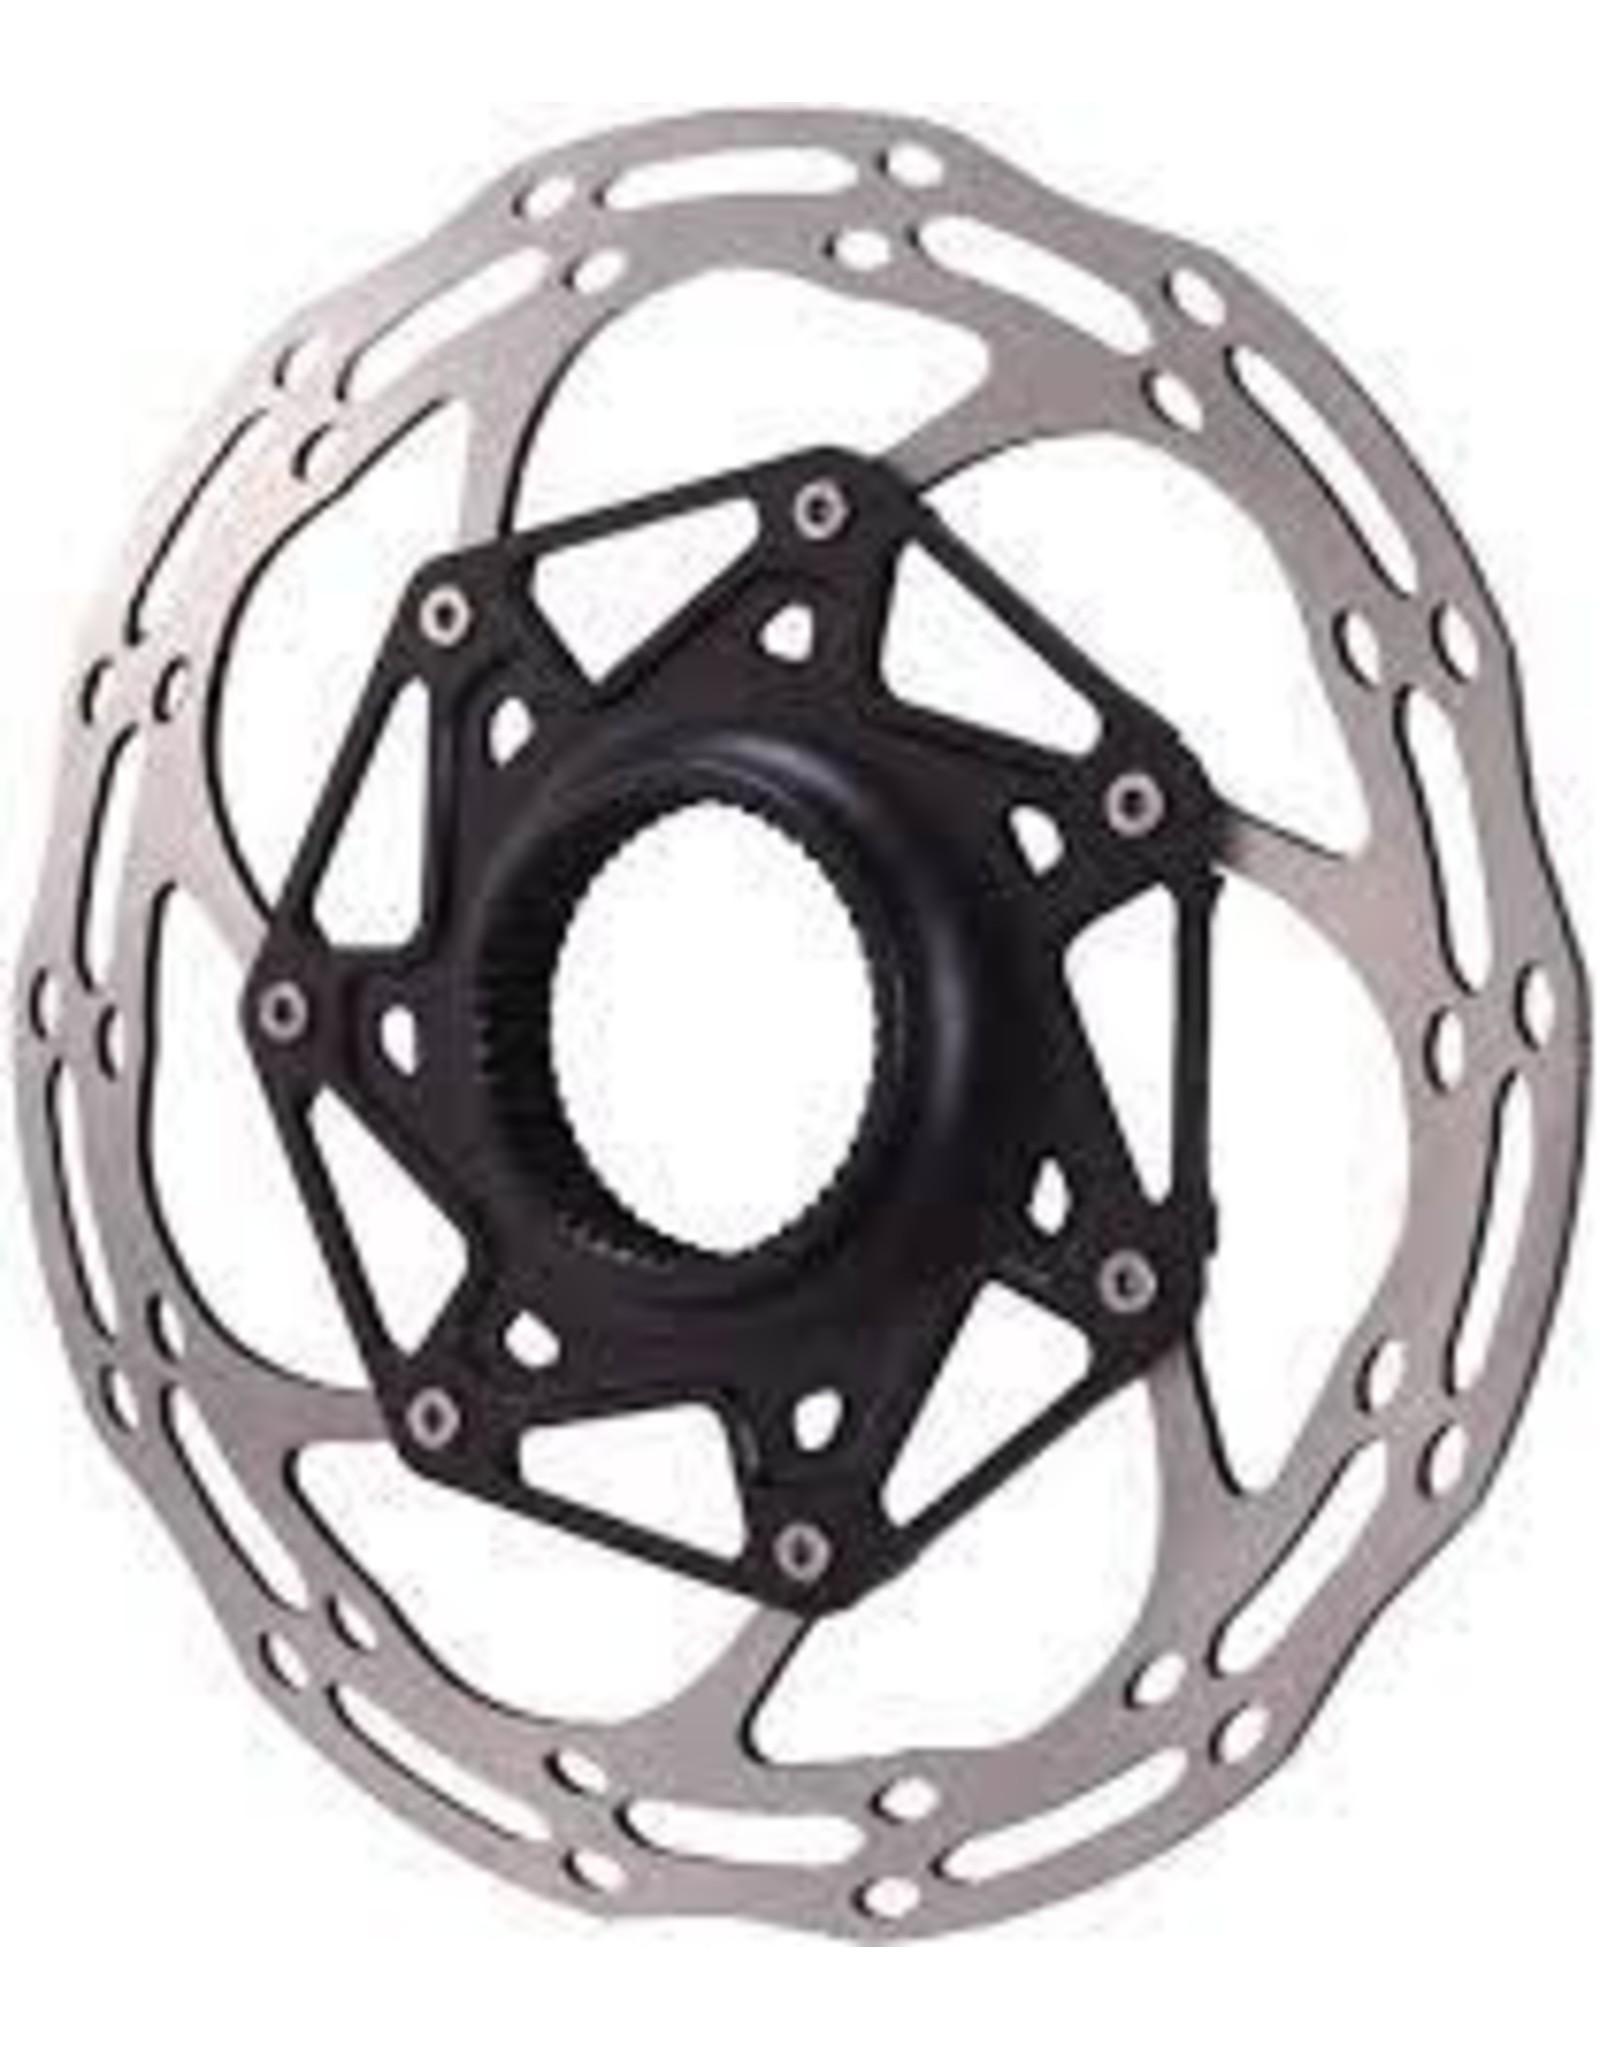 SRAM Brake Rotor SRAM/Avid CenterLineX Center-Lock 160mm Rotor, No Lockring: Black